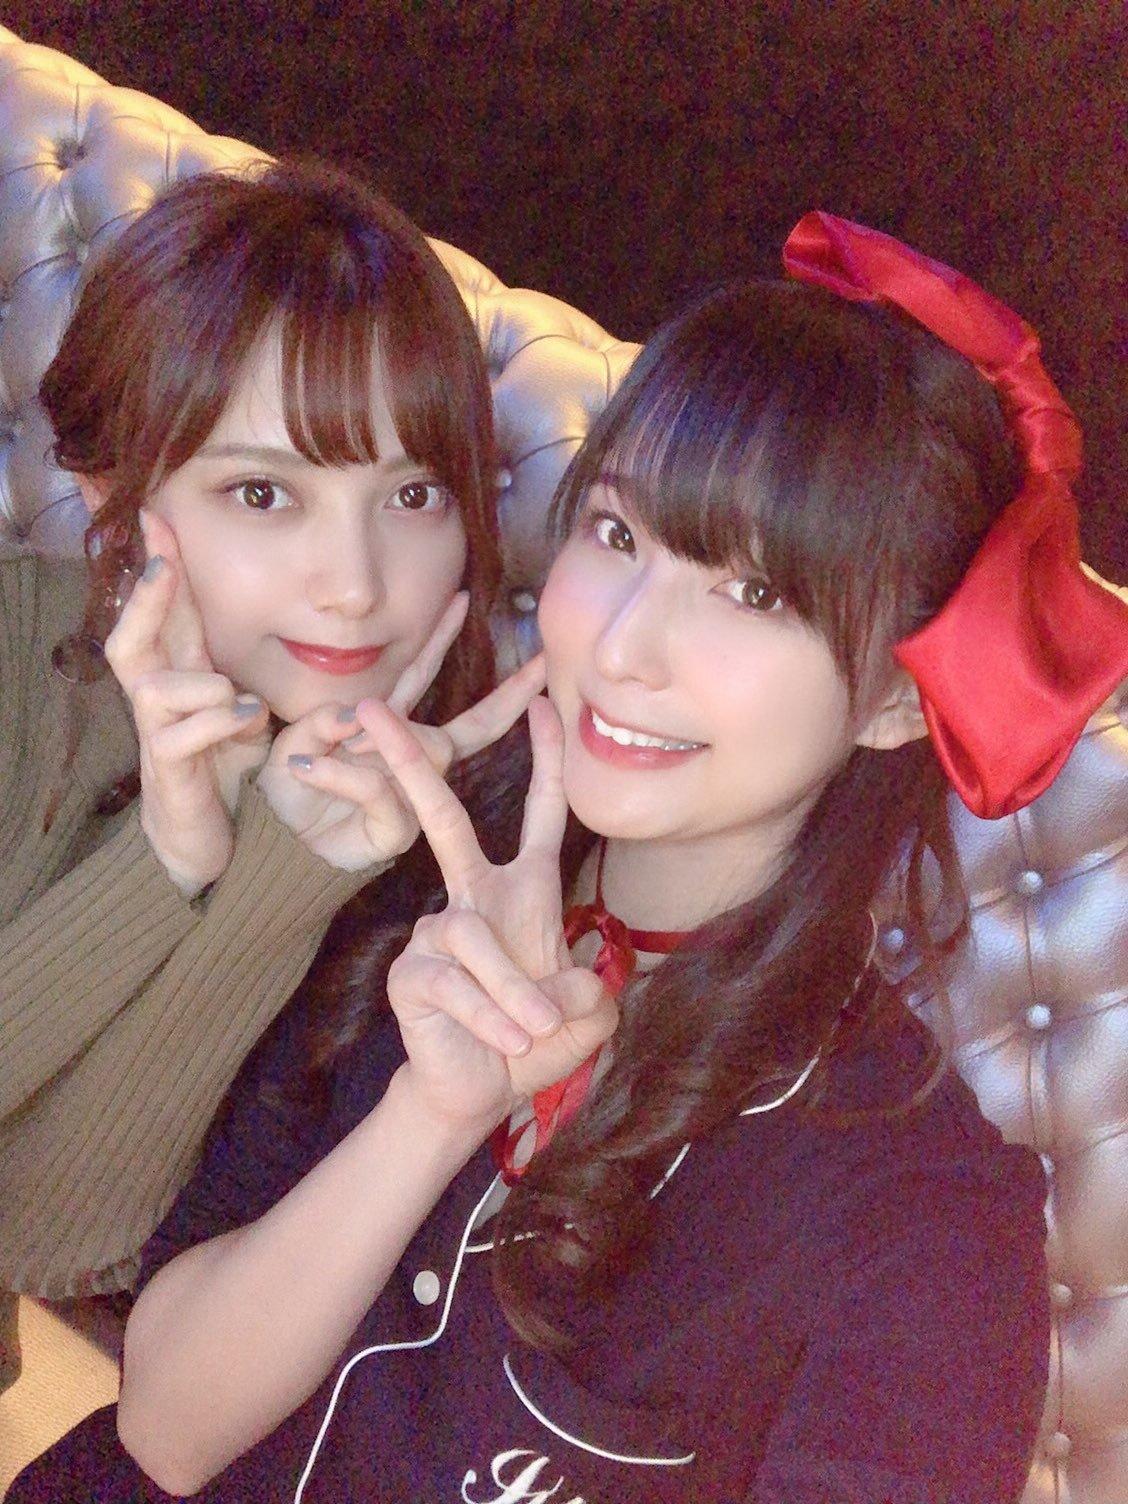 kawasaki__aya 1234111082114899968_p0